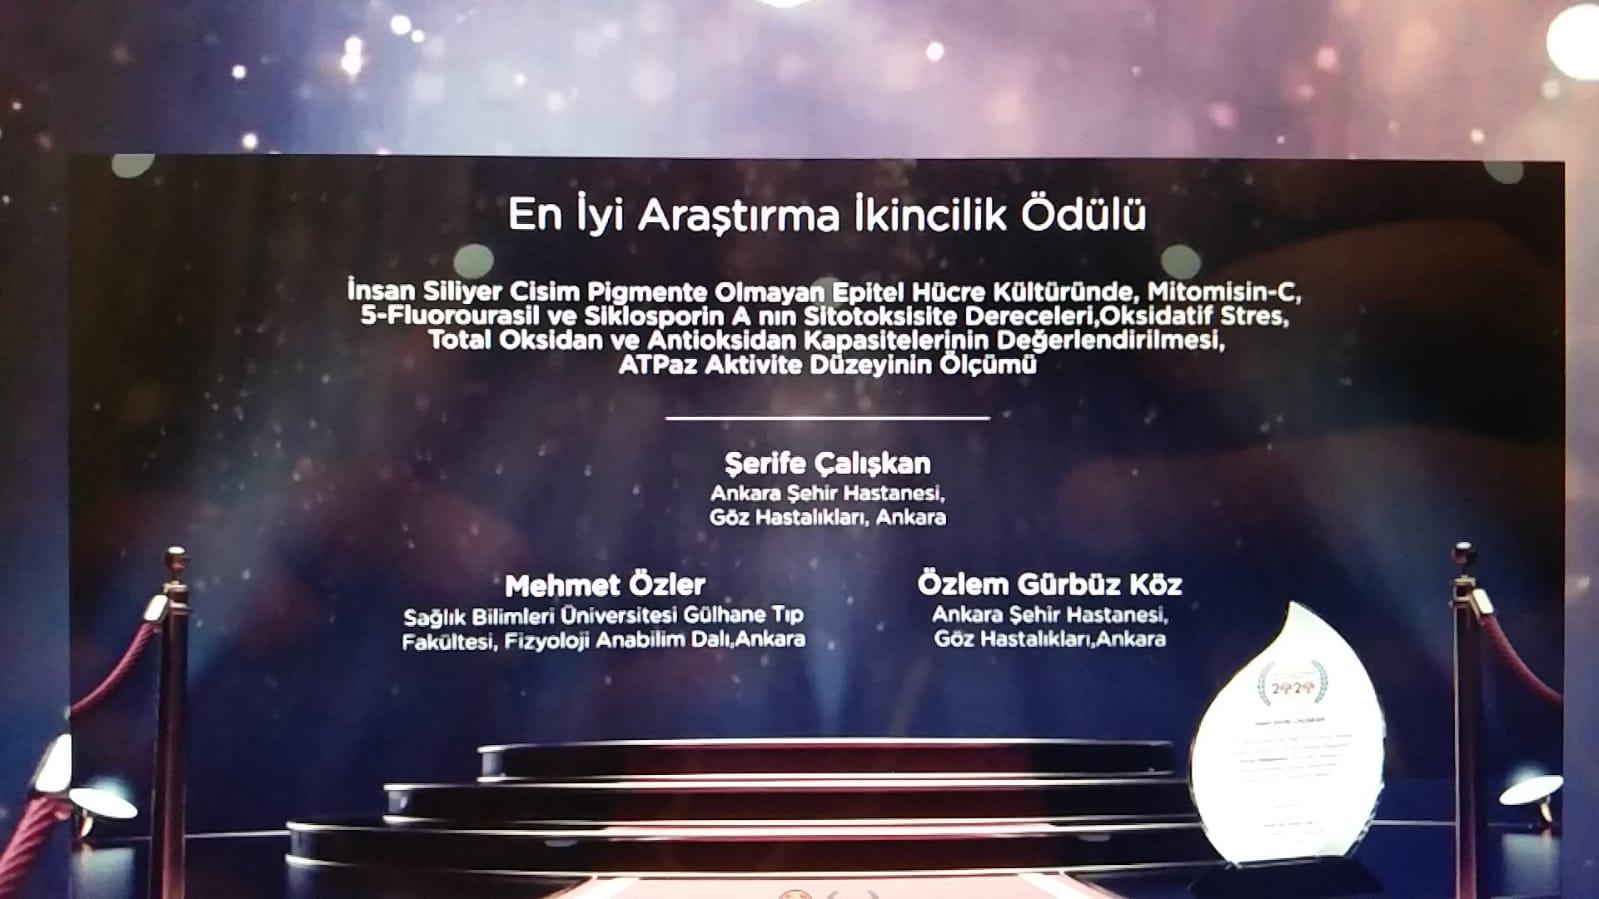 Ankara Şehir Hastanesi Göz Hastalıkları Kliniği